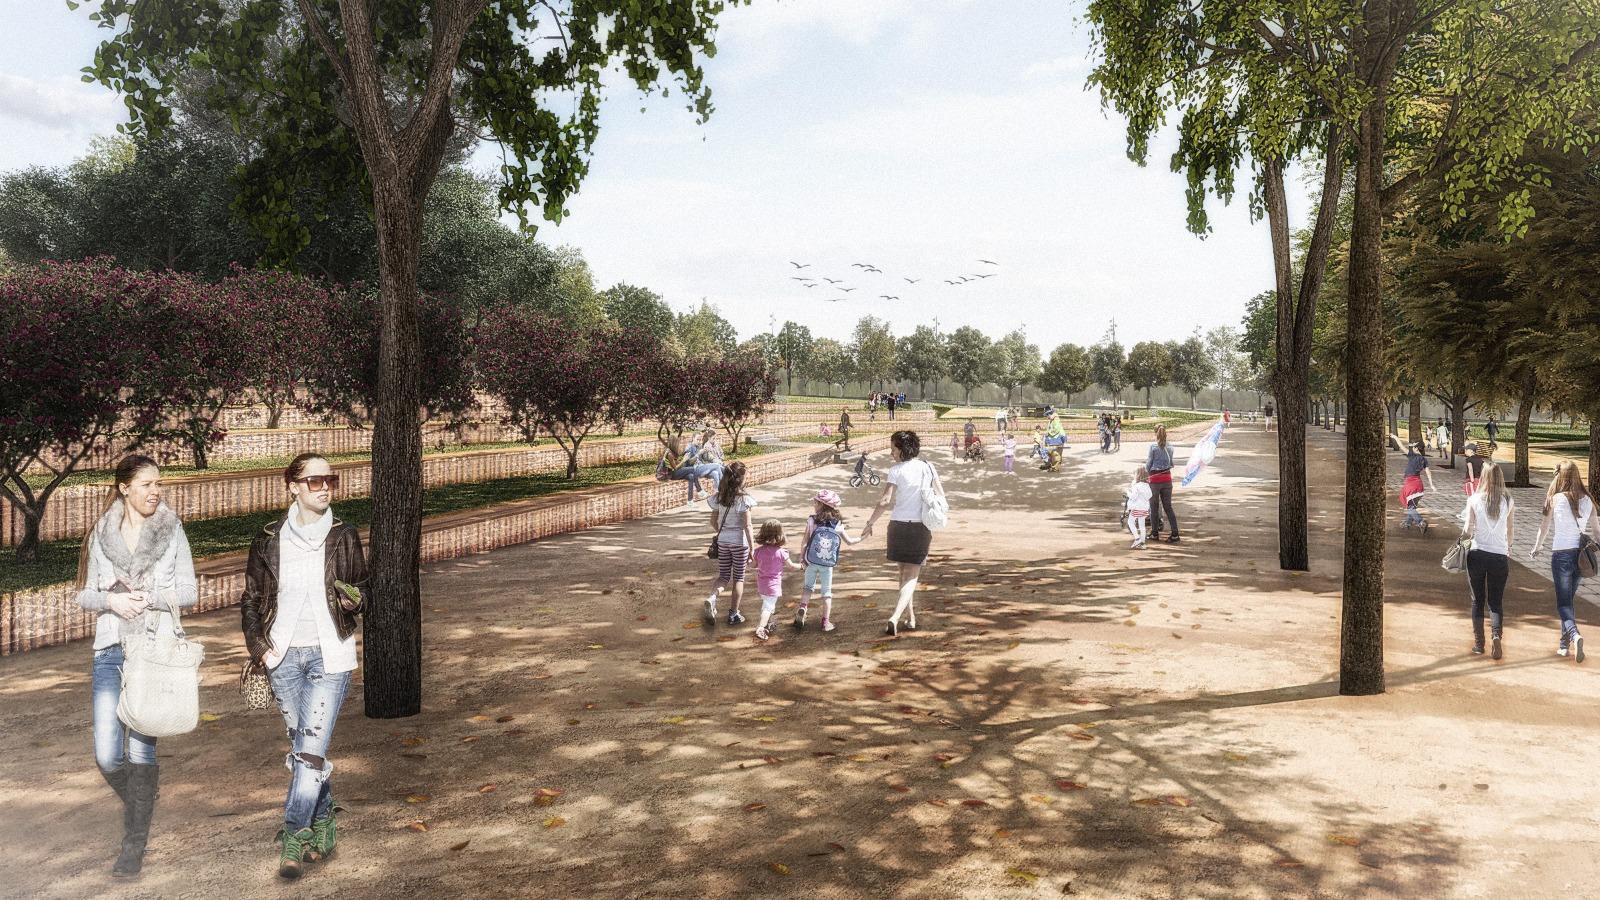 Projecció del futur Parc de la República de Terrassa | Aj. Terrassa